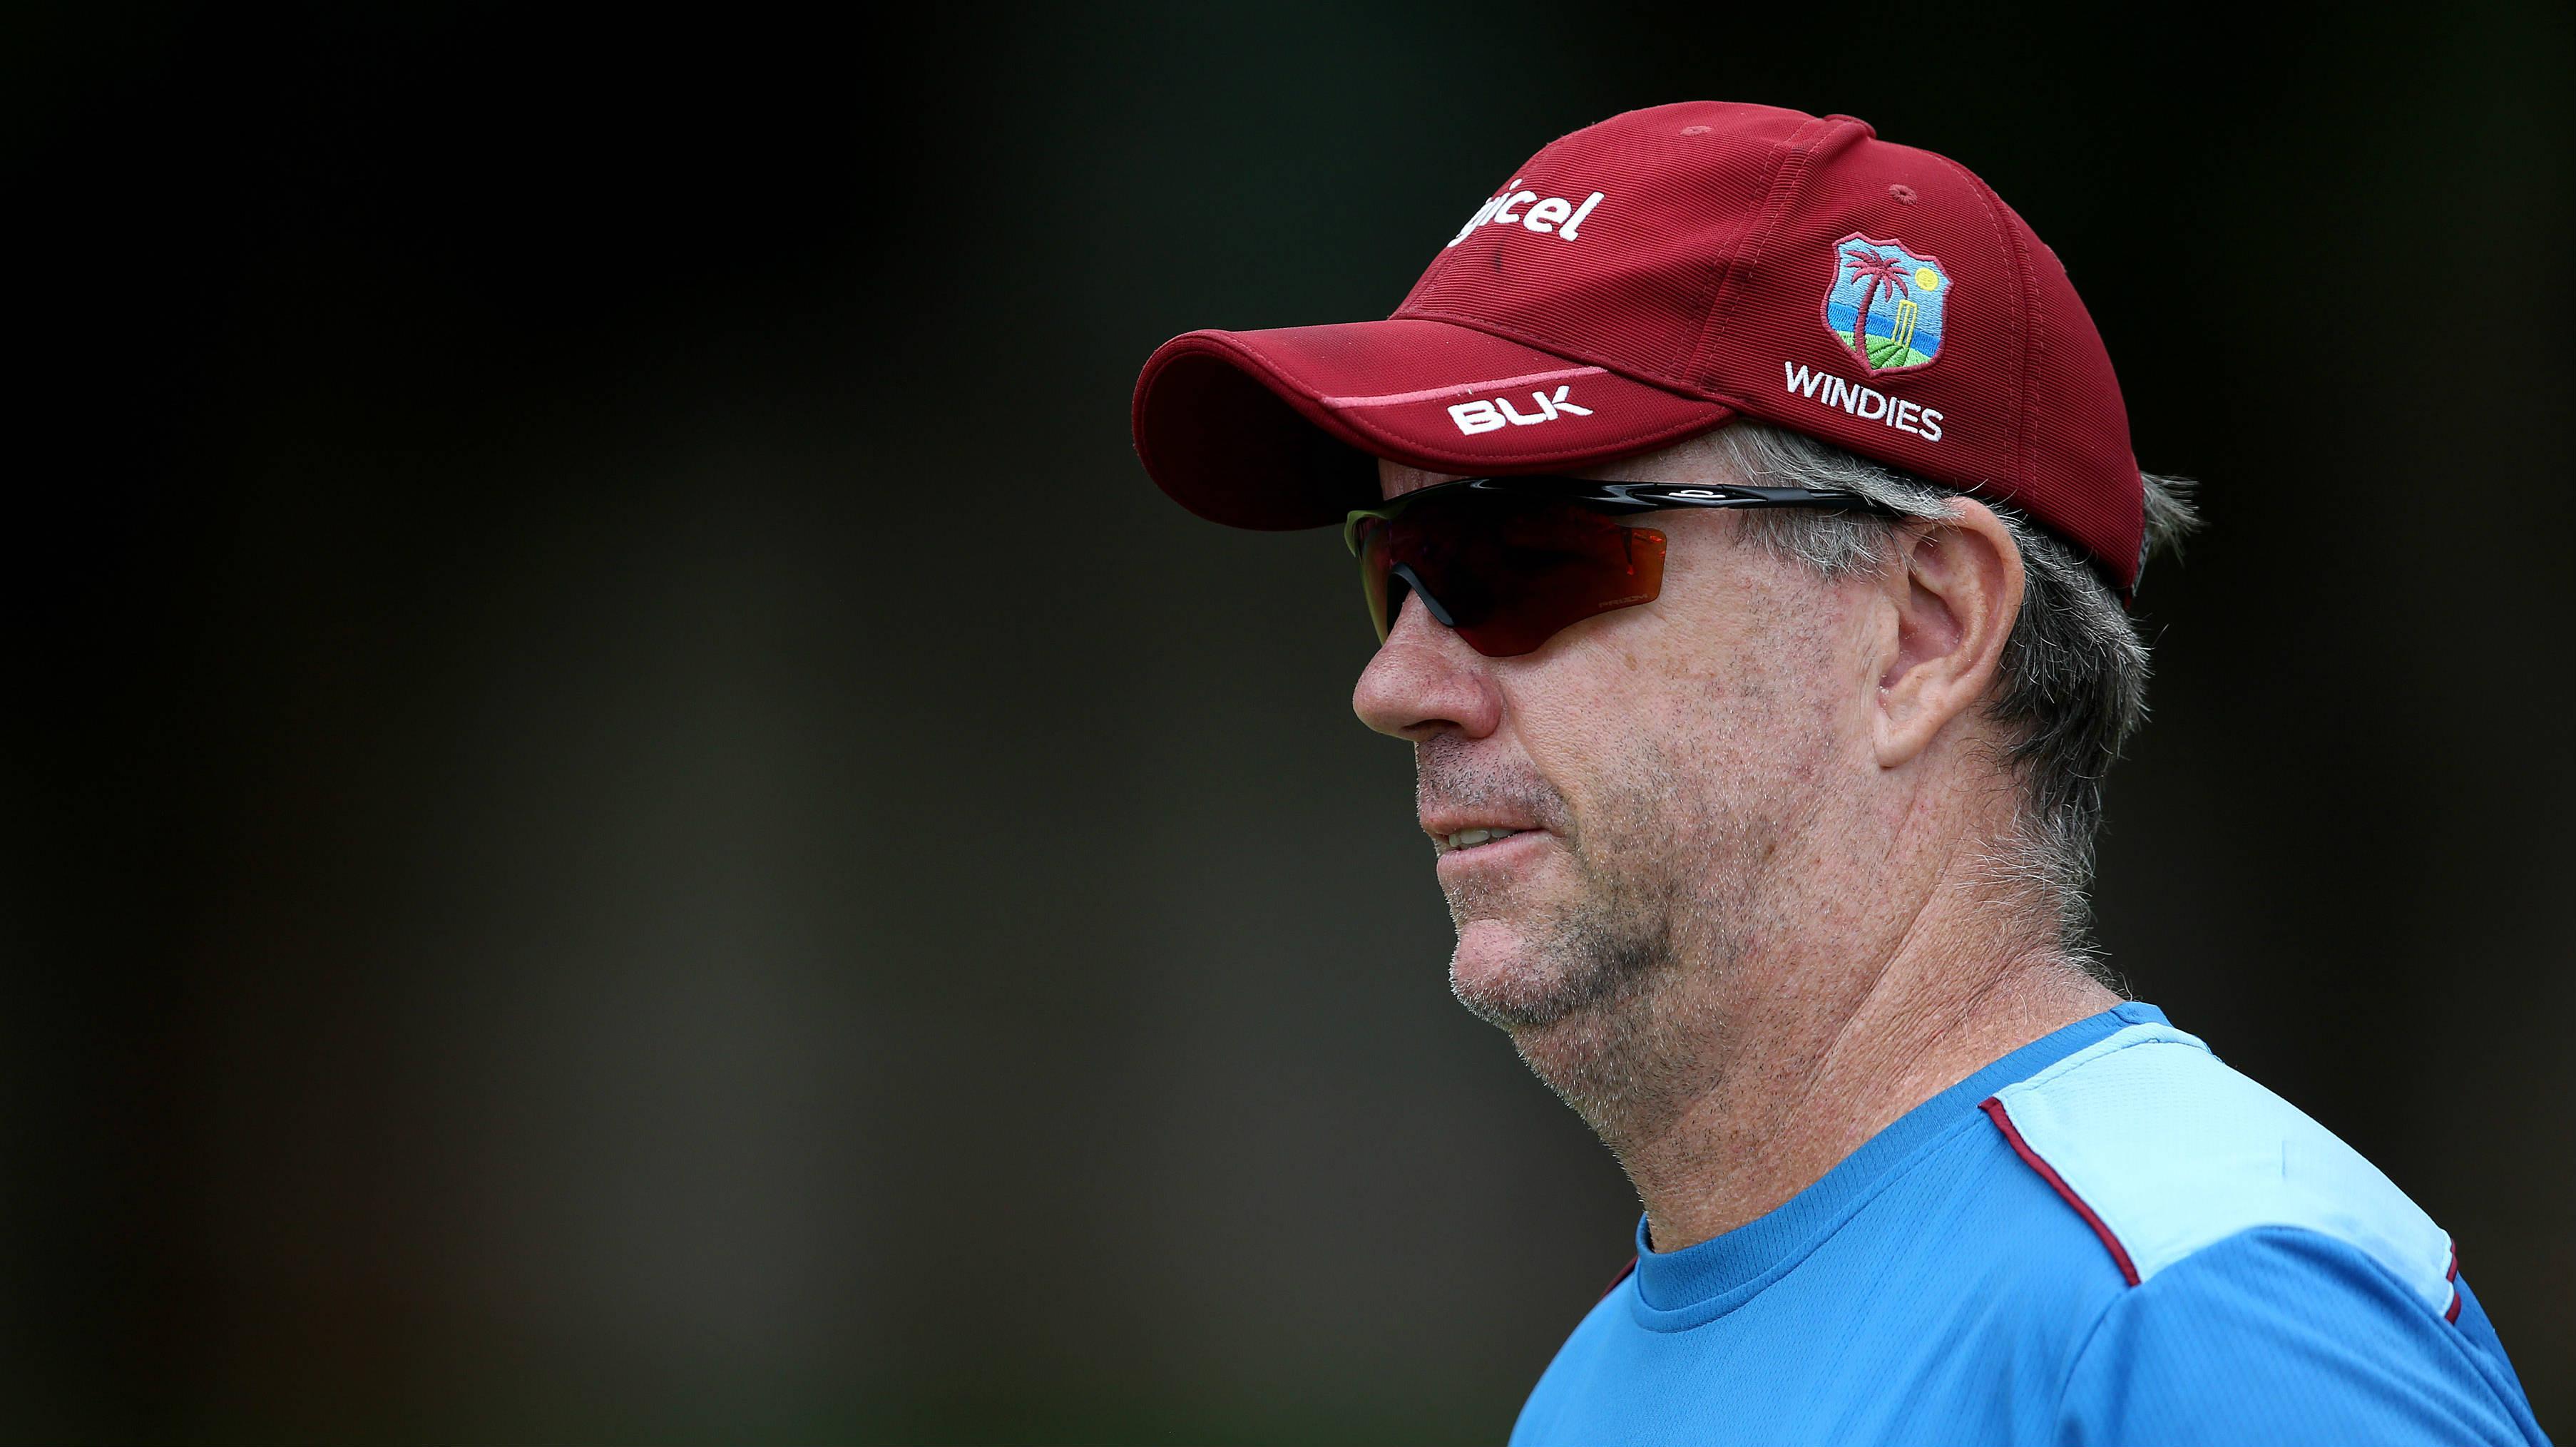 वेस्टइंडीज को लगा बड़ा झटका, आईसीसी ने कोच स्टुअर्ट लॉ को किया निलंबित, भारत से हार नहीं बल्कि ये हैं वजह